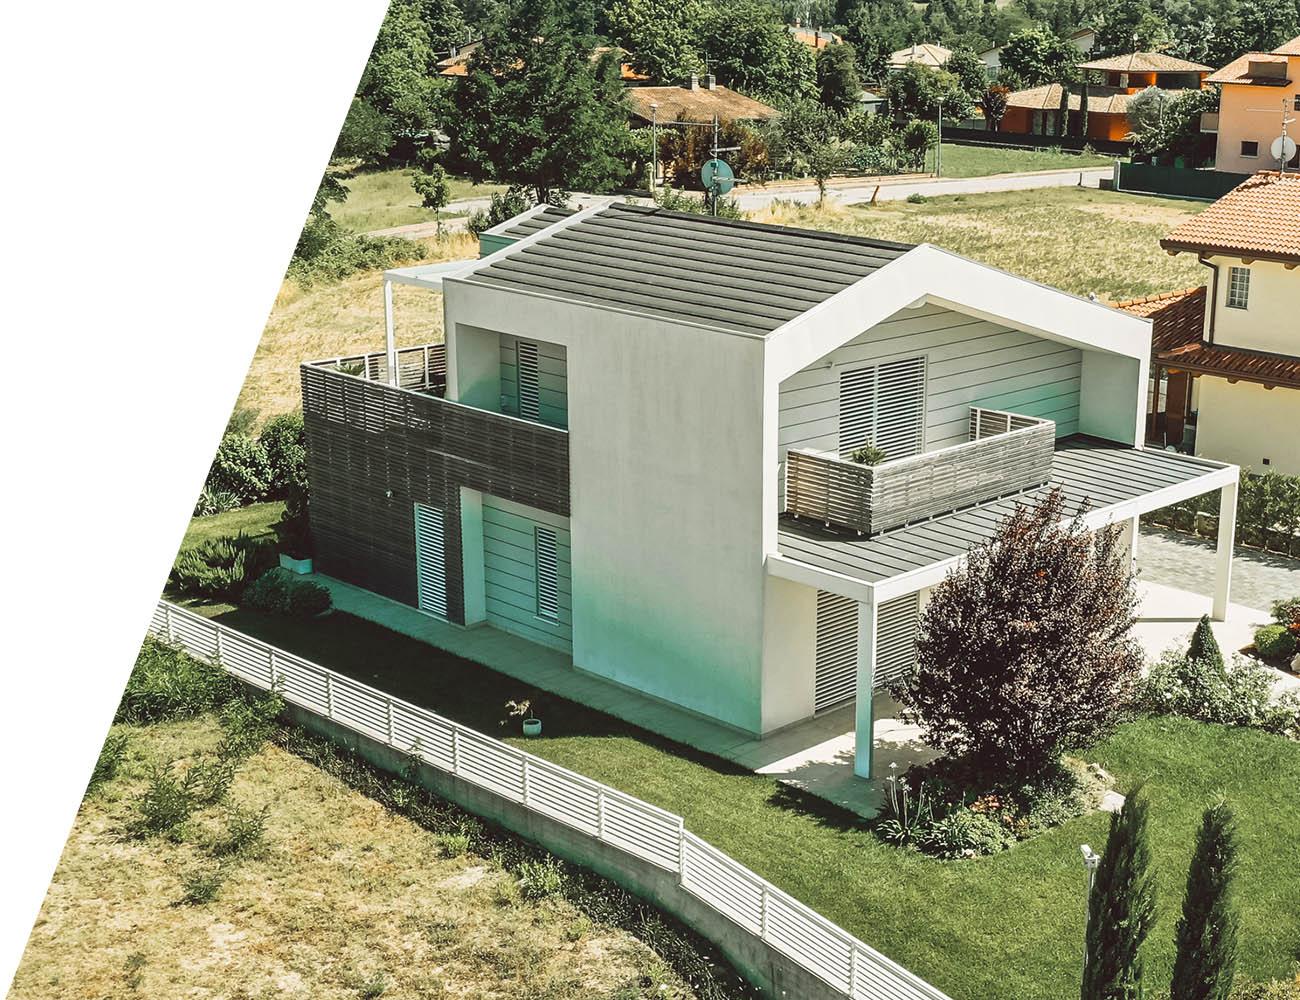 Wooden Houses_Villa Unifamiliare a due piani_Struttura in legno dall'aspetto fortemente contemporaneo